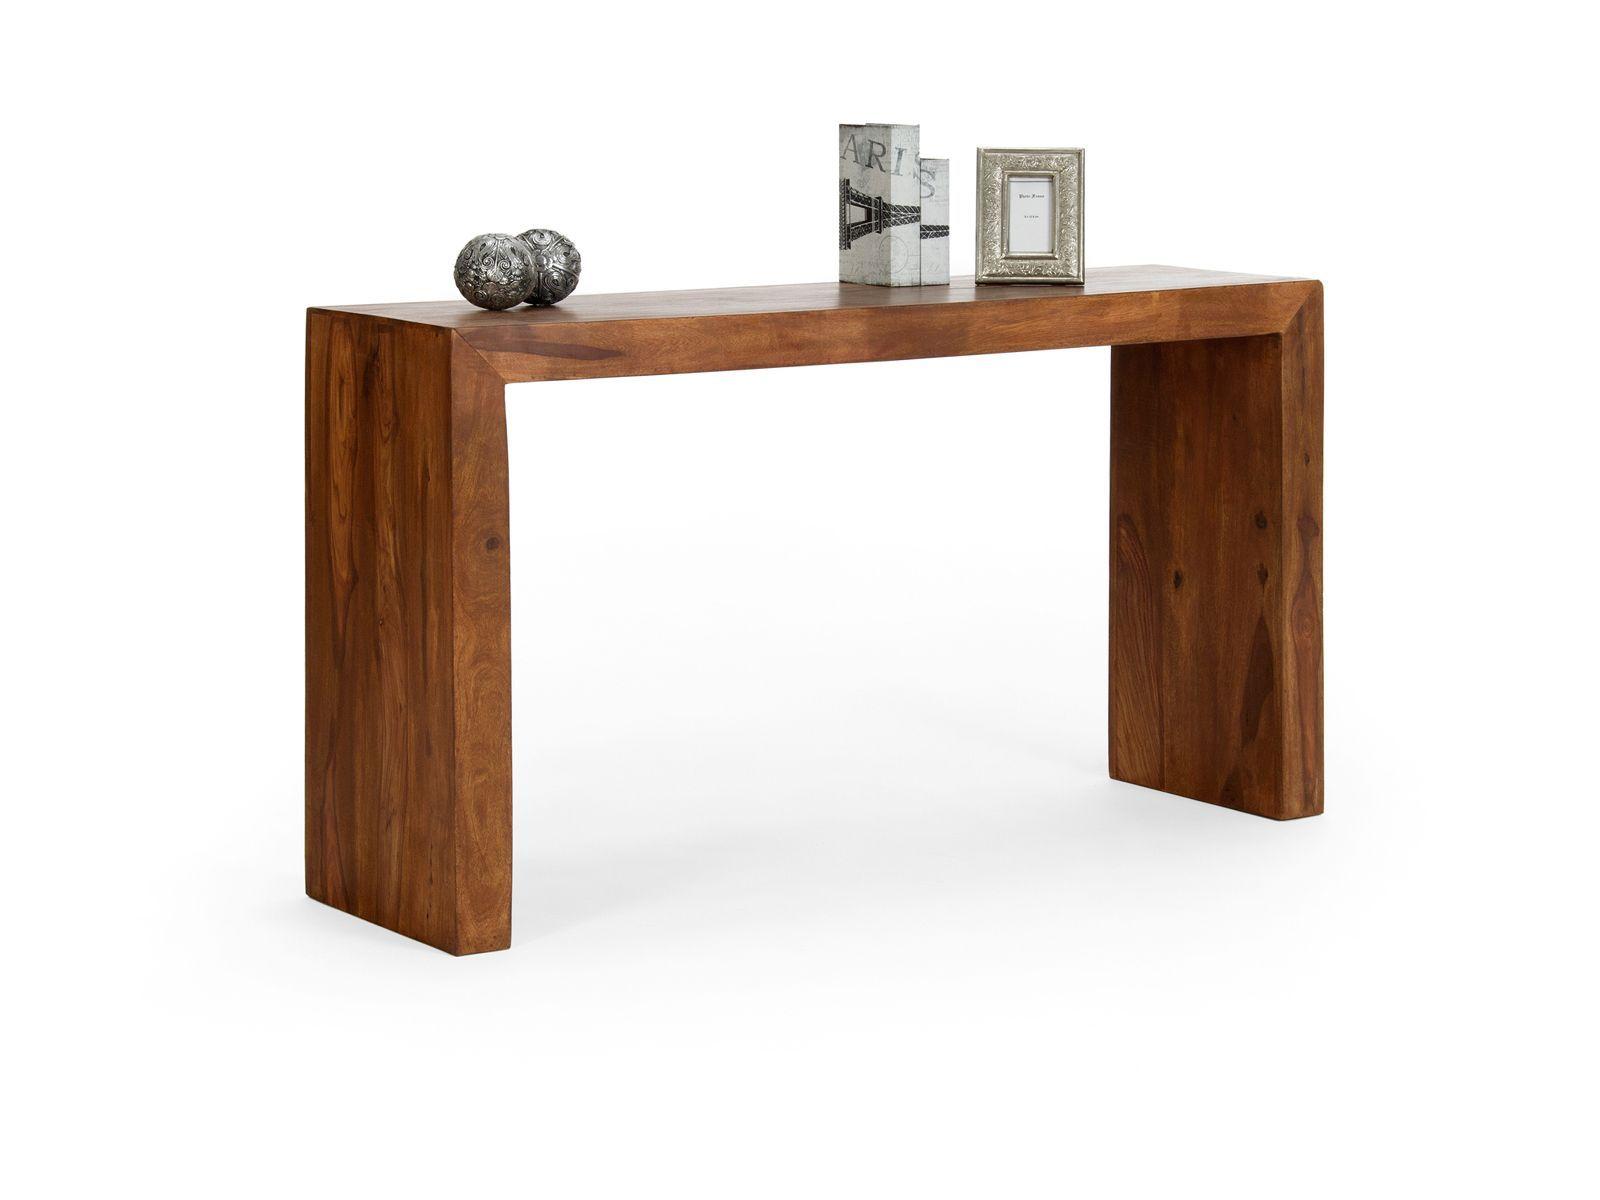 table console extensible 3 rallonges bois wenge nassau cuisine